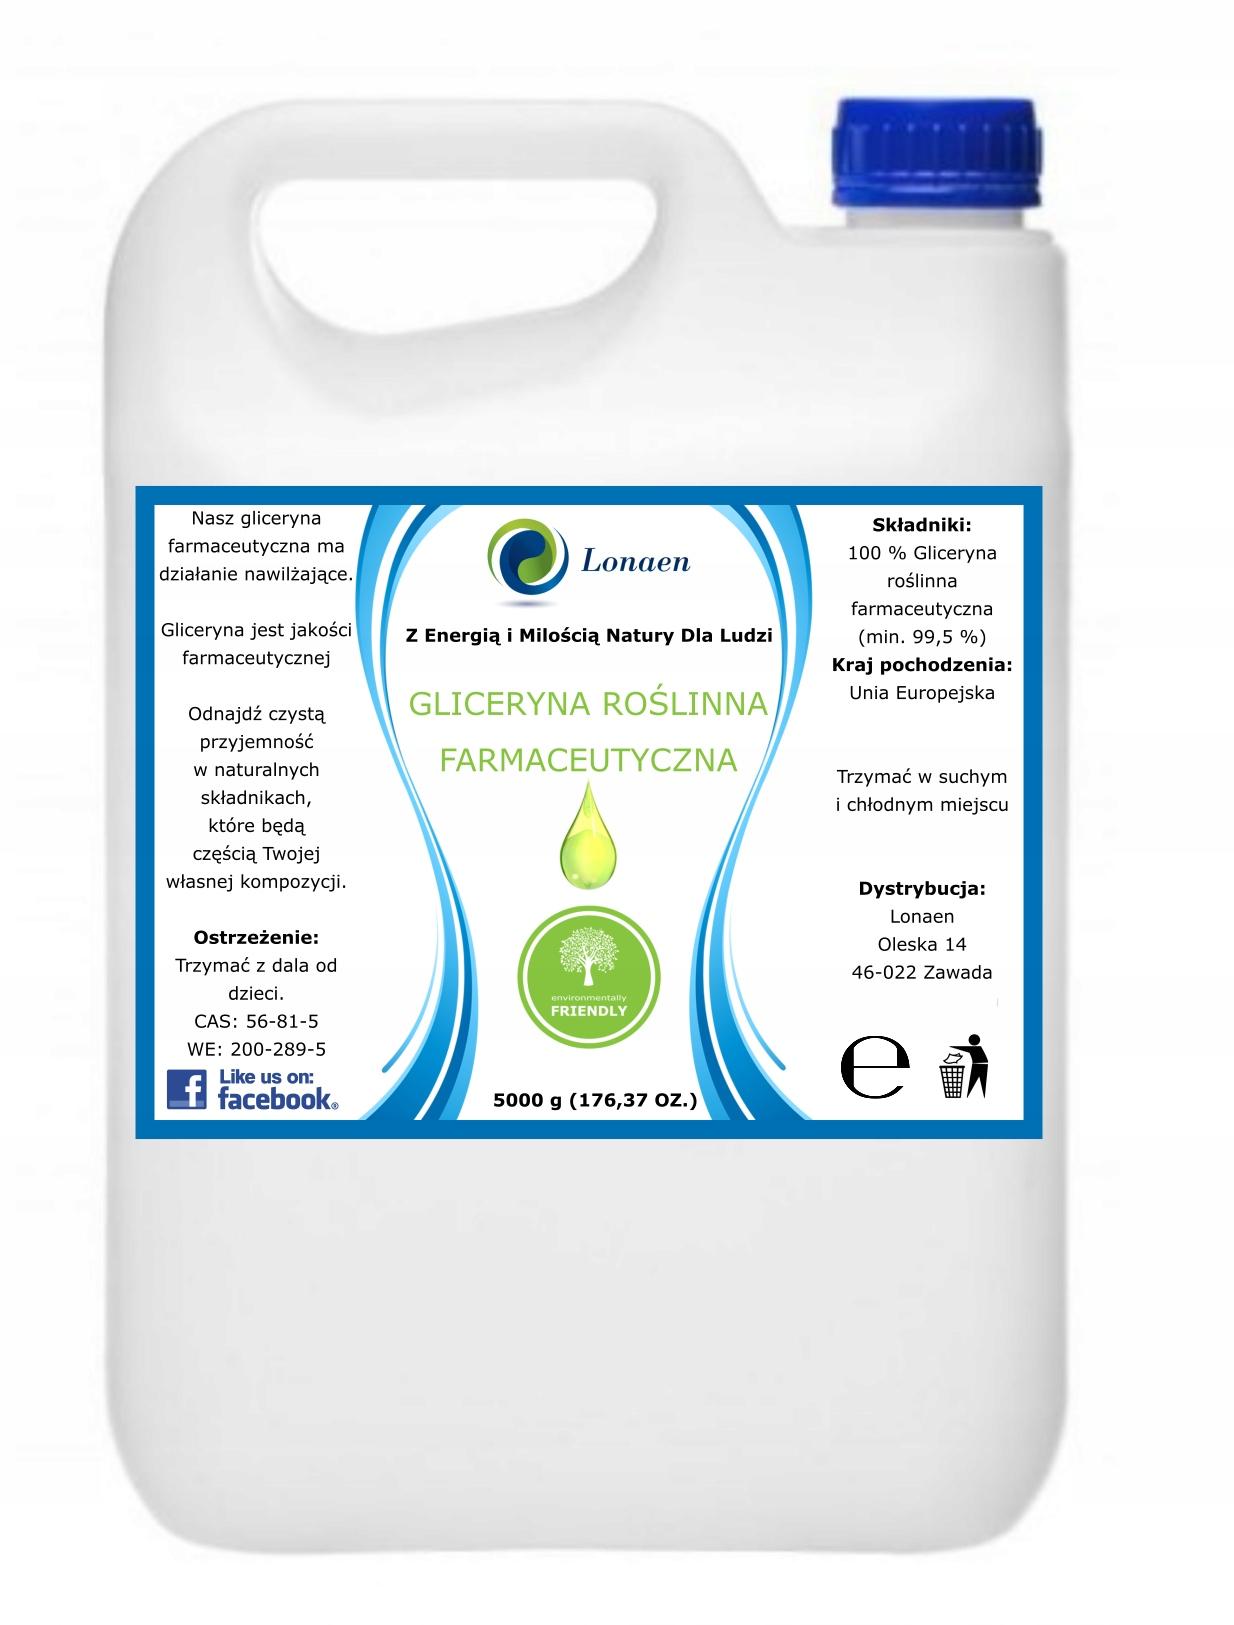 Gliceryna Roślinna Farmaceutyczna CZYSTA 5KG 99 5%